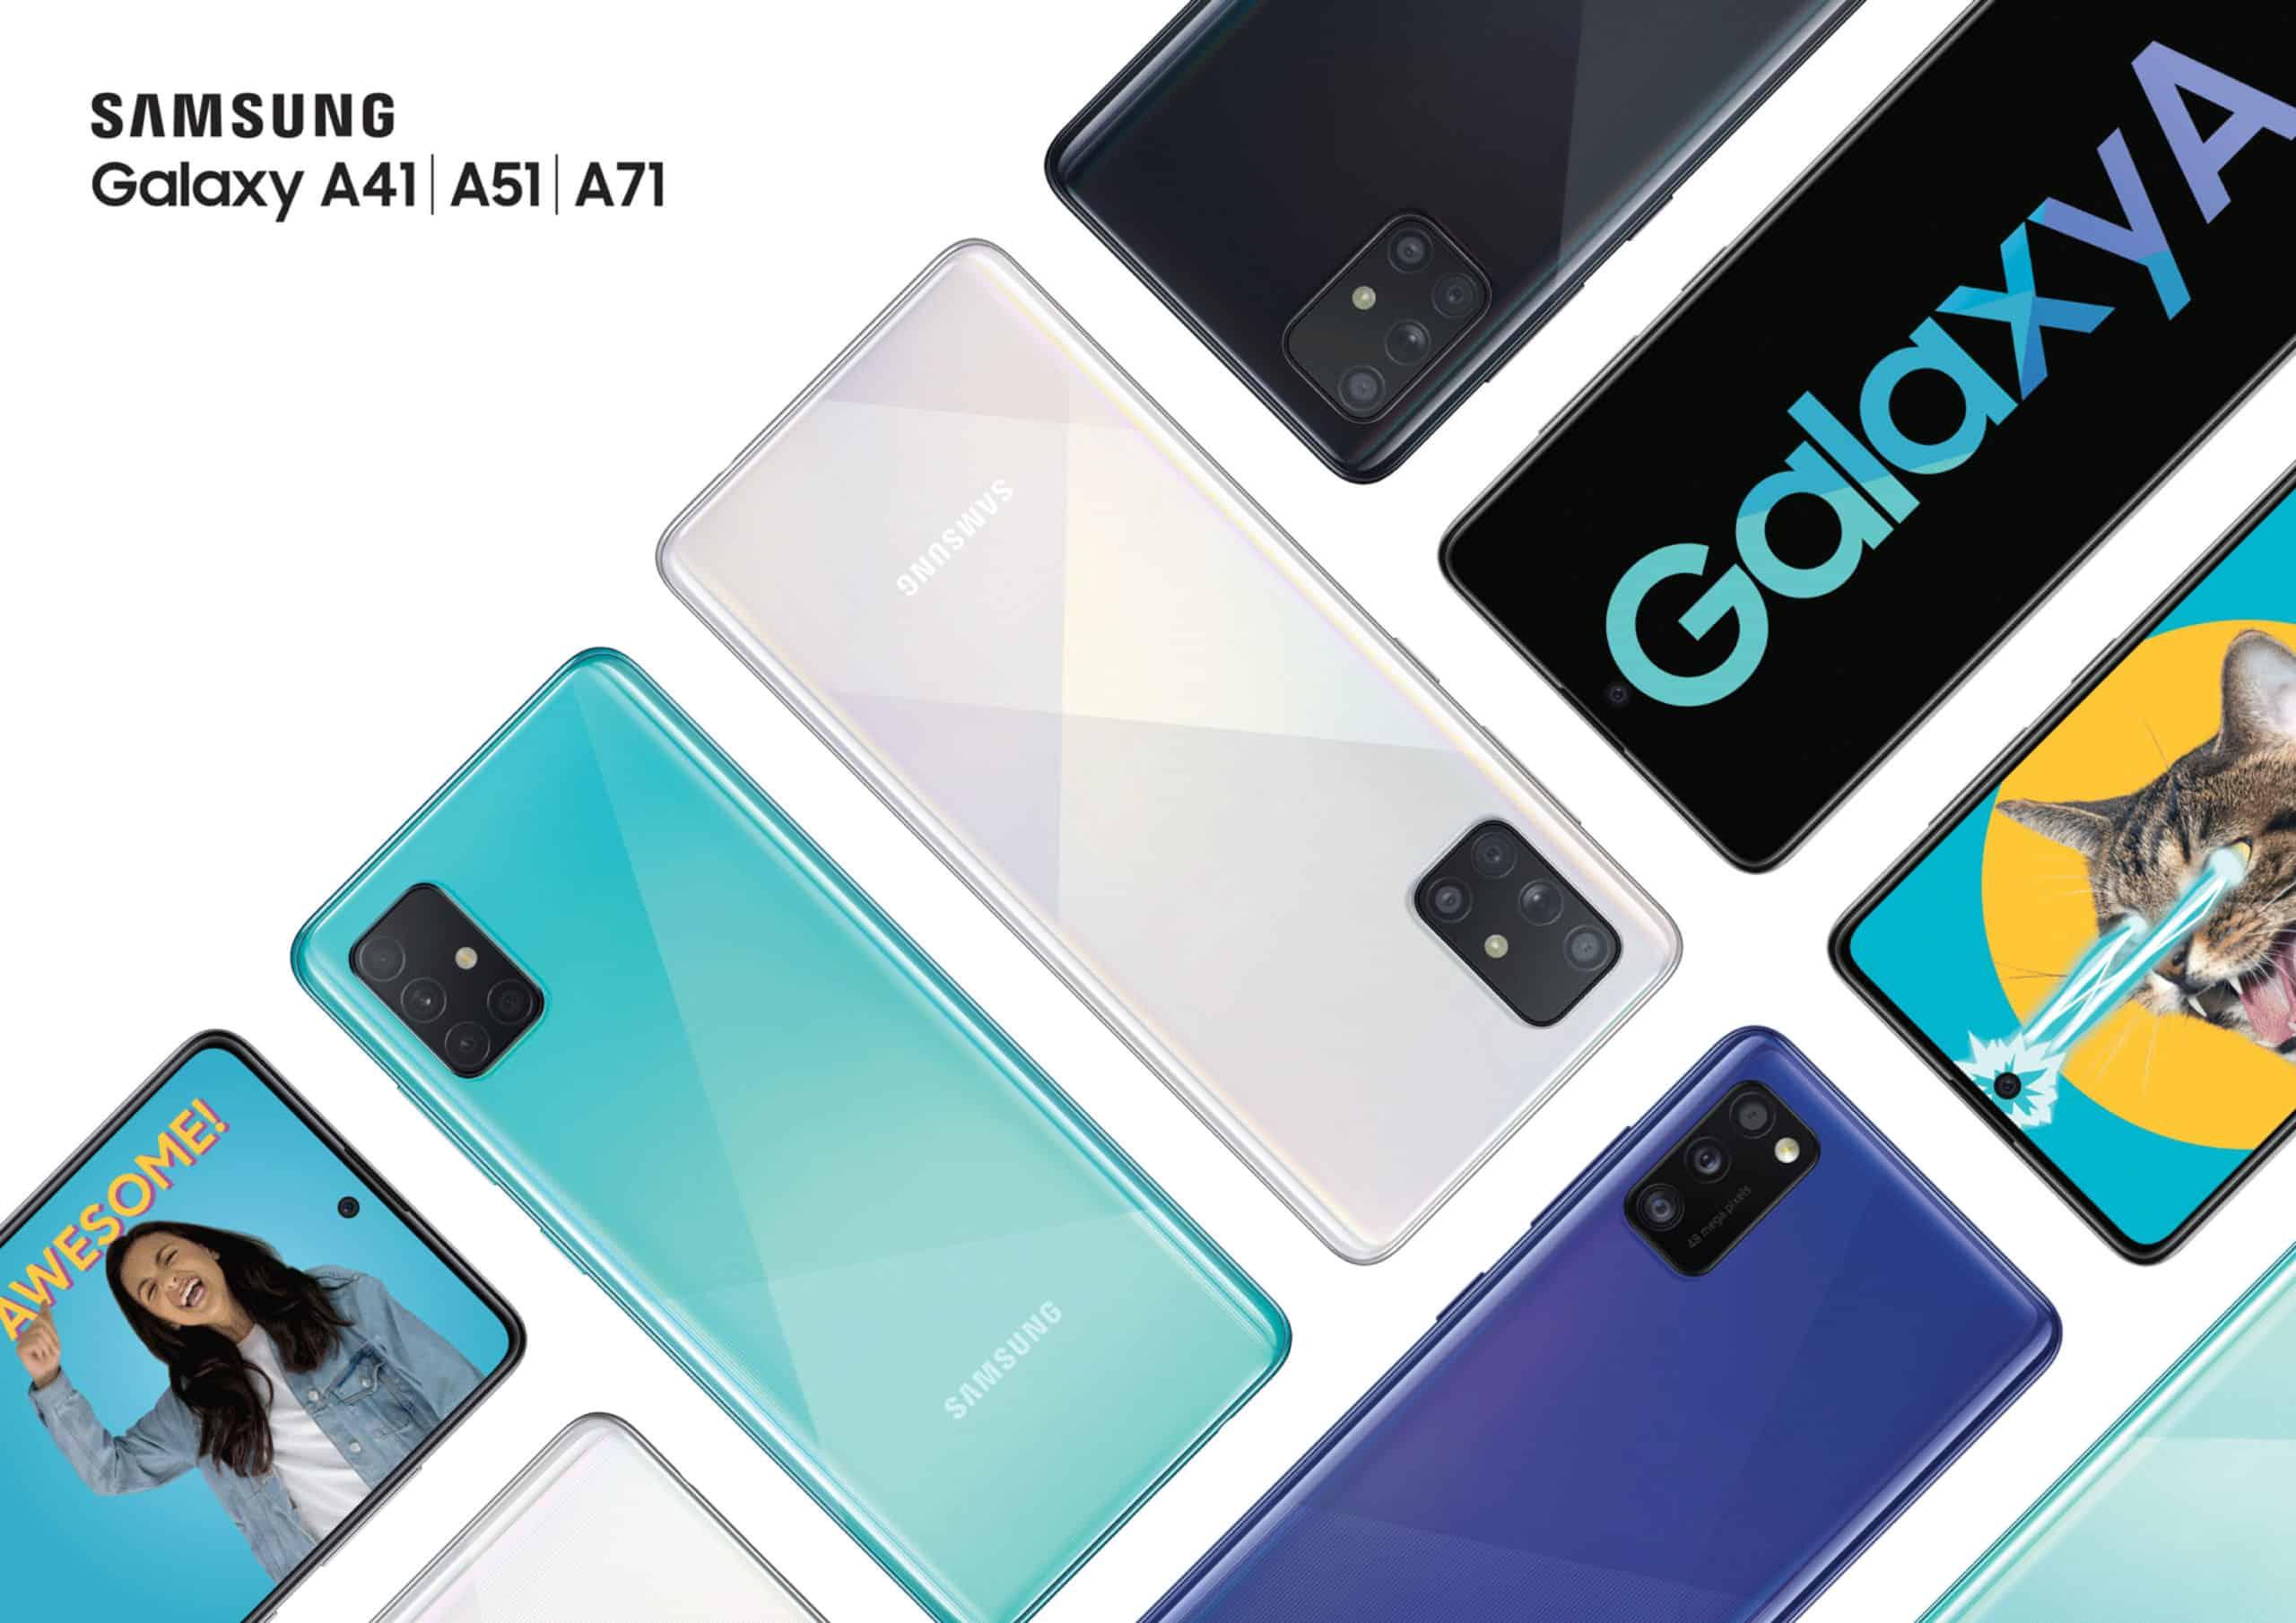 Popust v višini 50 ali 150 evrov ob nakupu Samsung Galaxy naprav